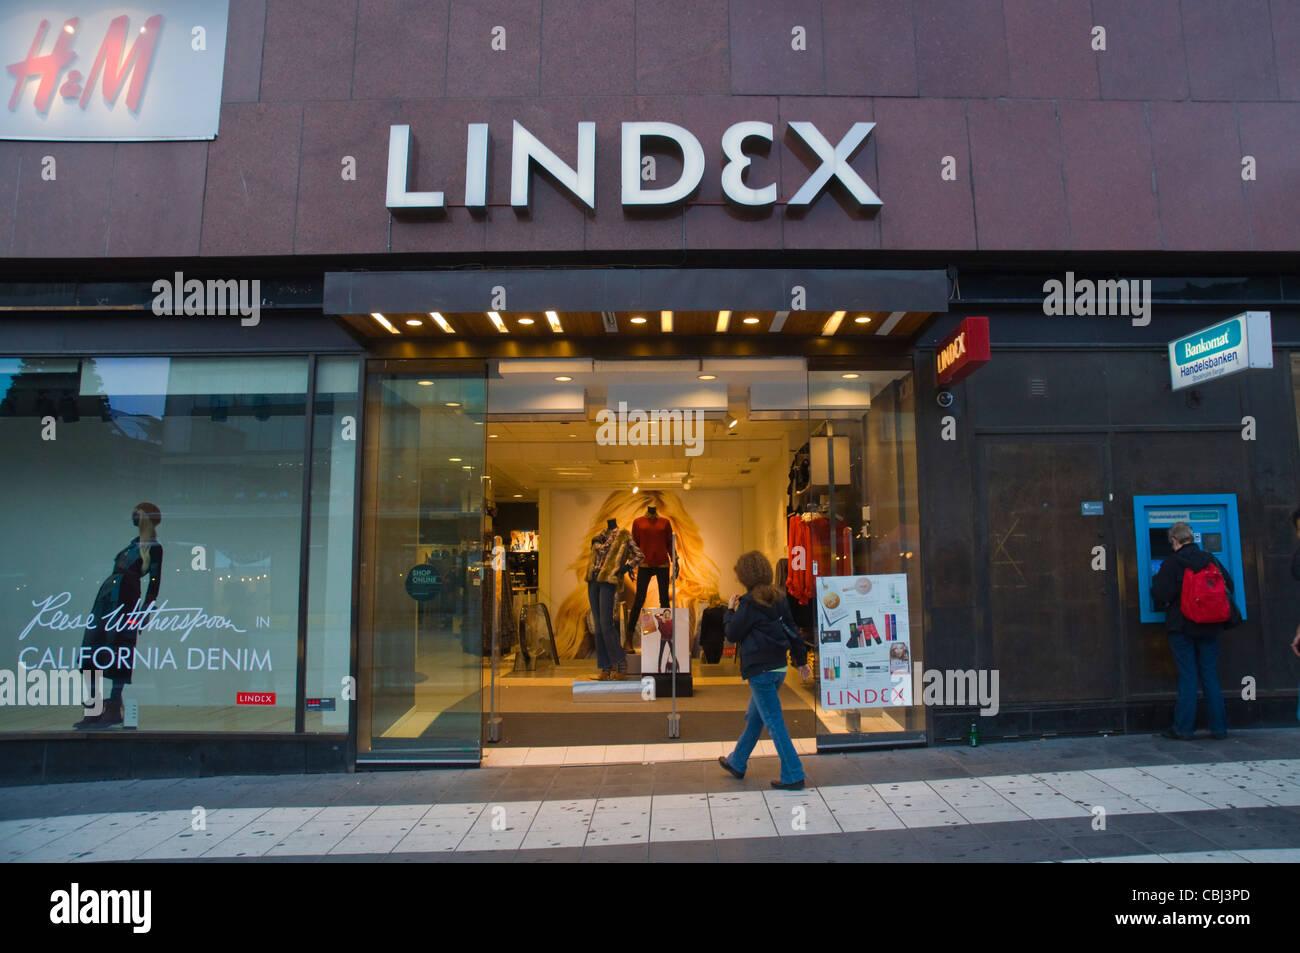 lindex photos & lindex images - alamy